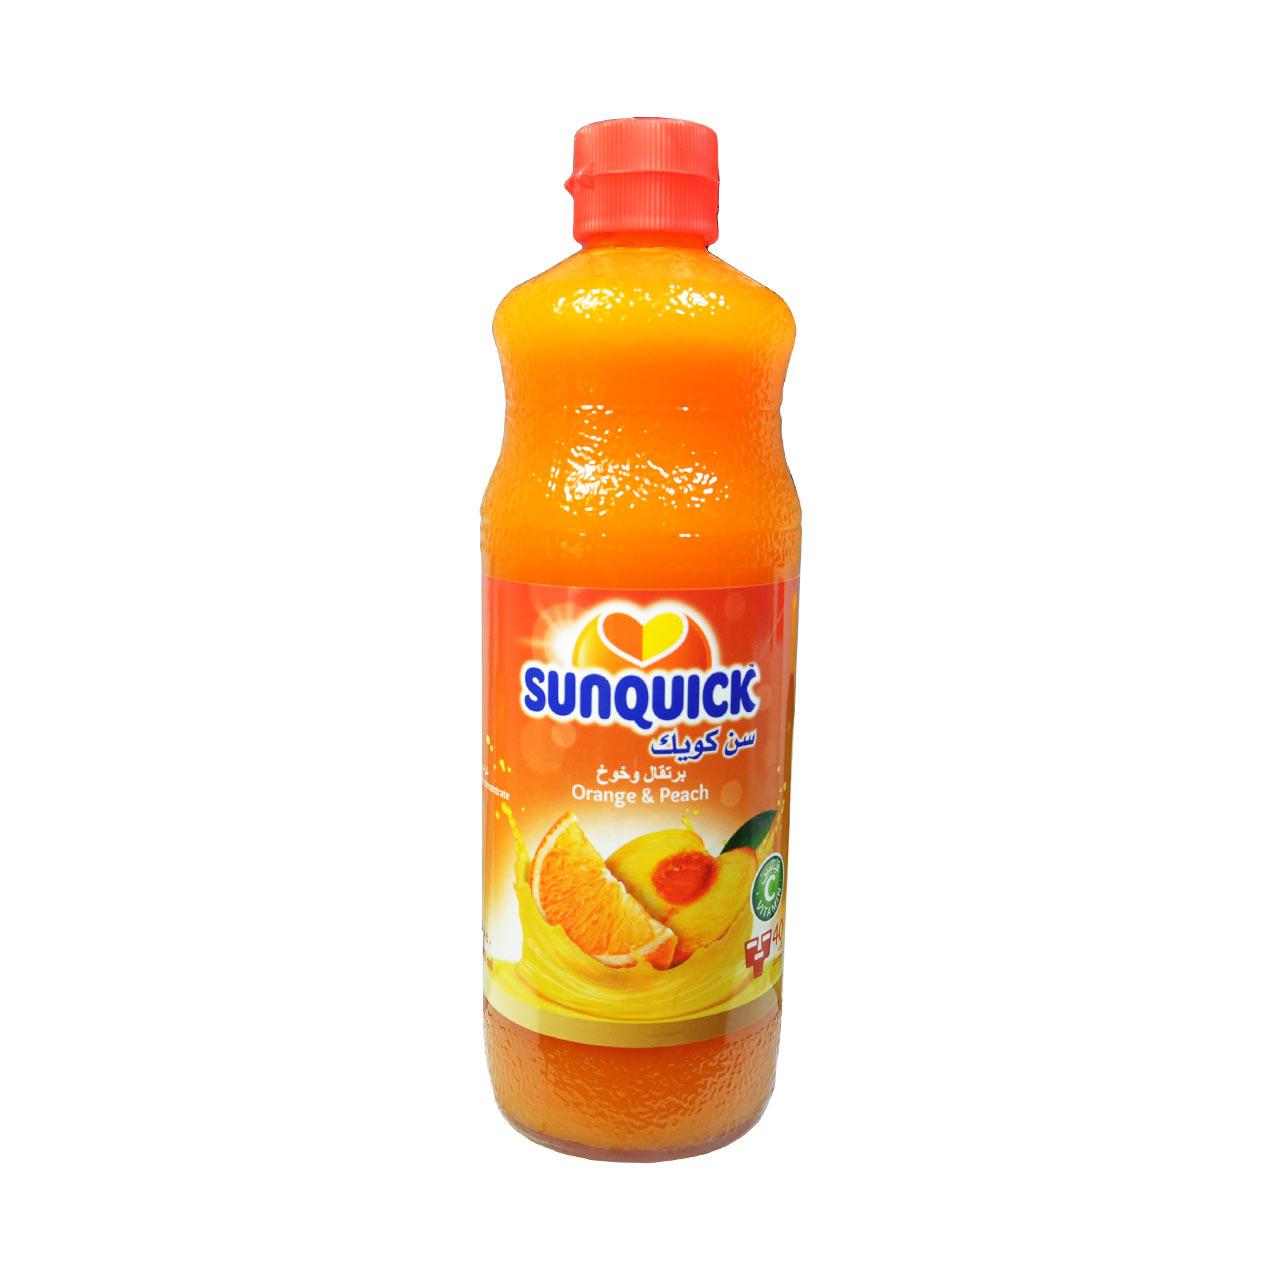 شربت هلو سن کوییک – sunquick